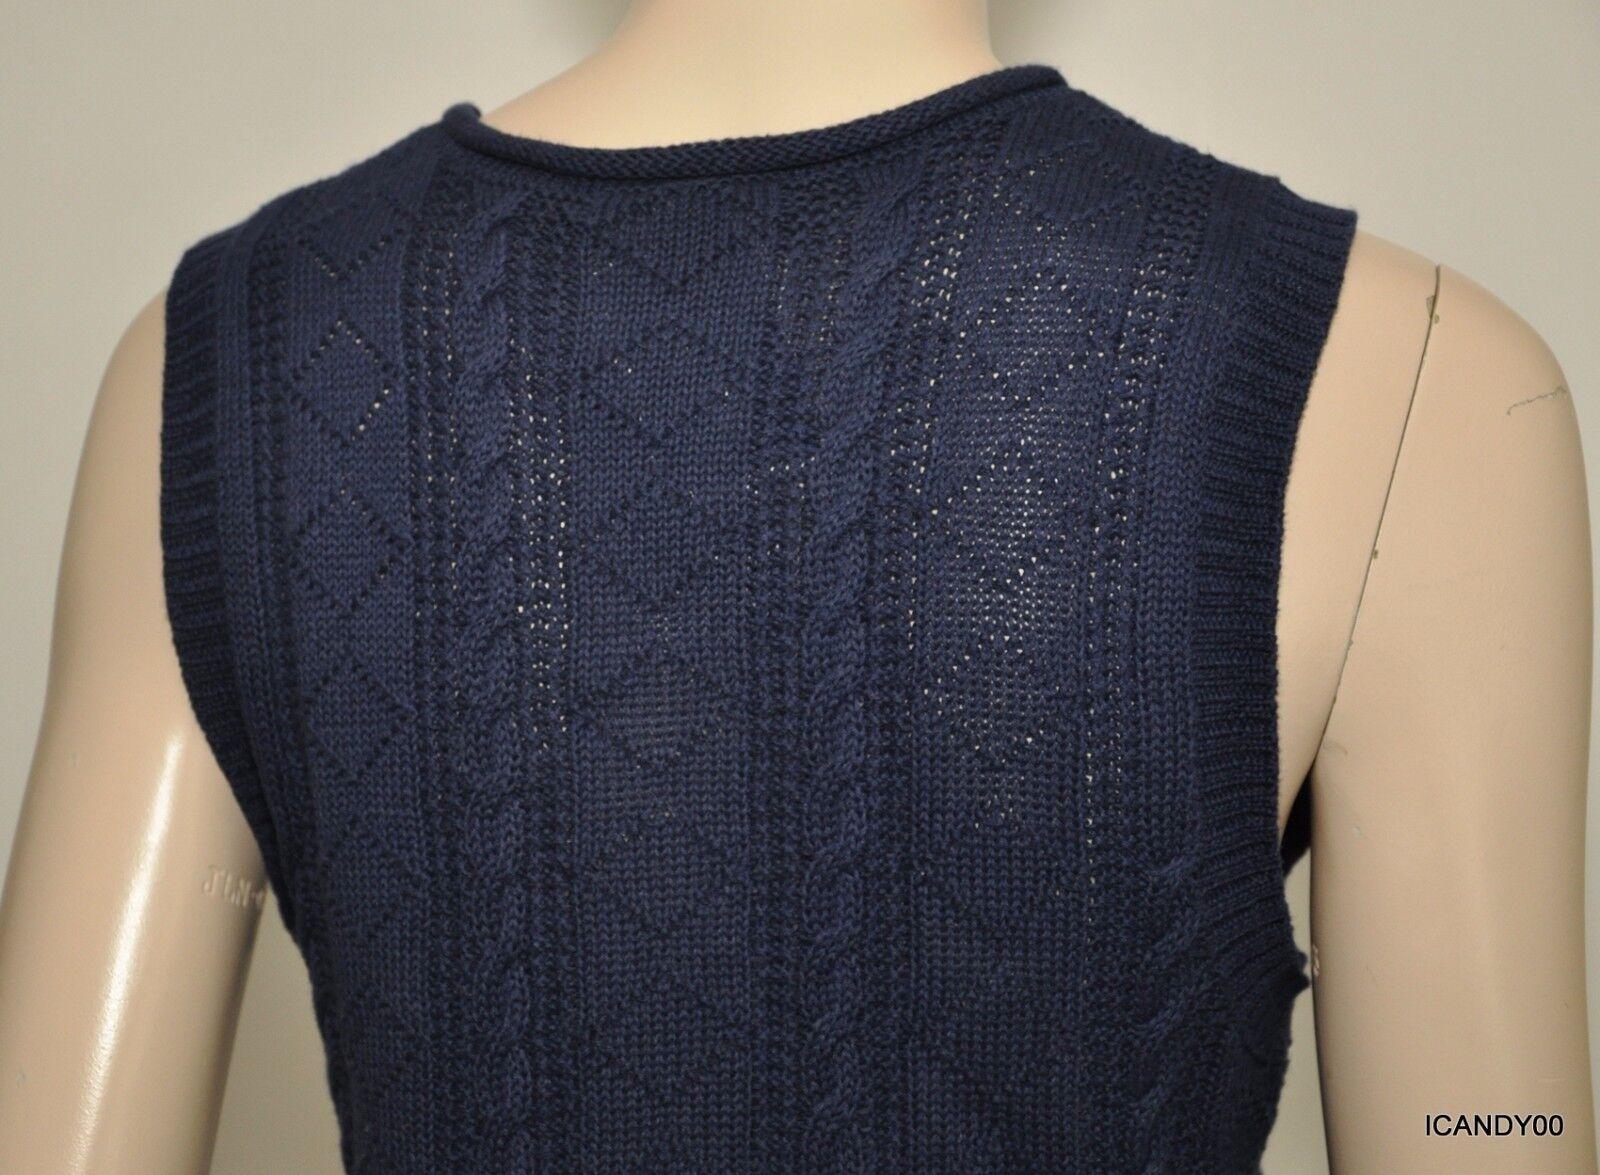 Nwt  99 99 99 Ralph Lauren Linen Cotton Knit Anchor Vest Top Sweater Top Navy bluee L 908fd9